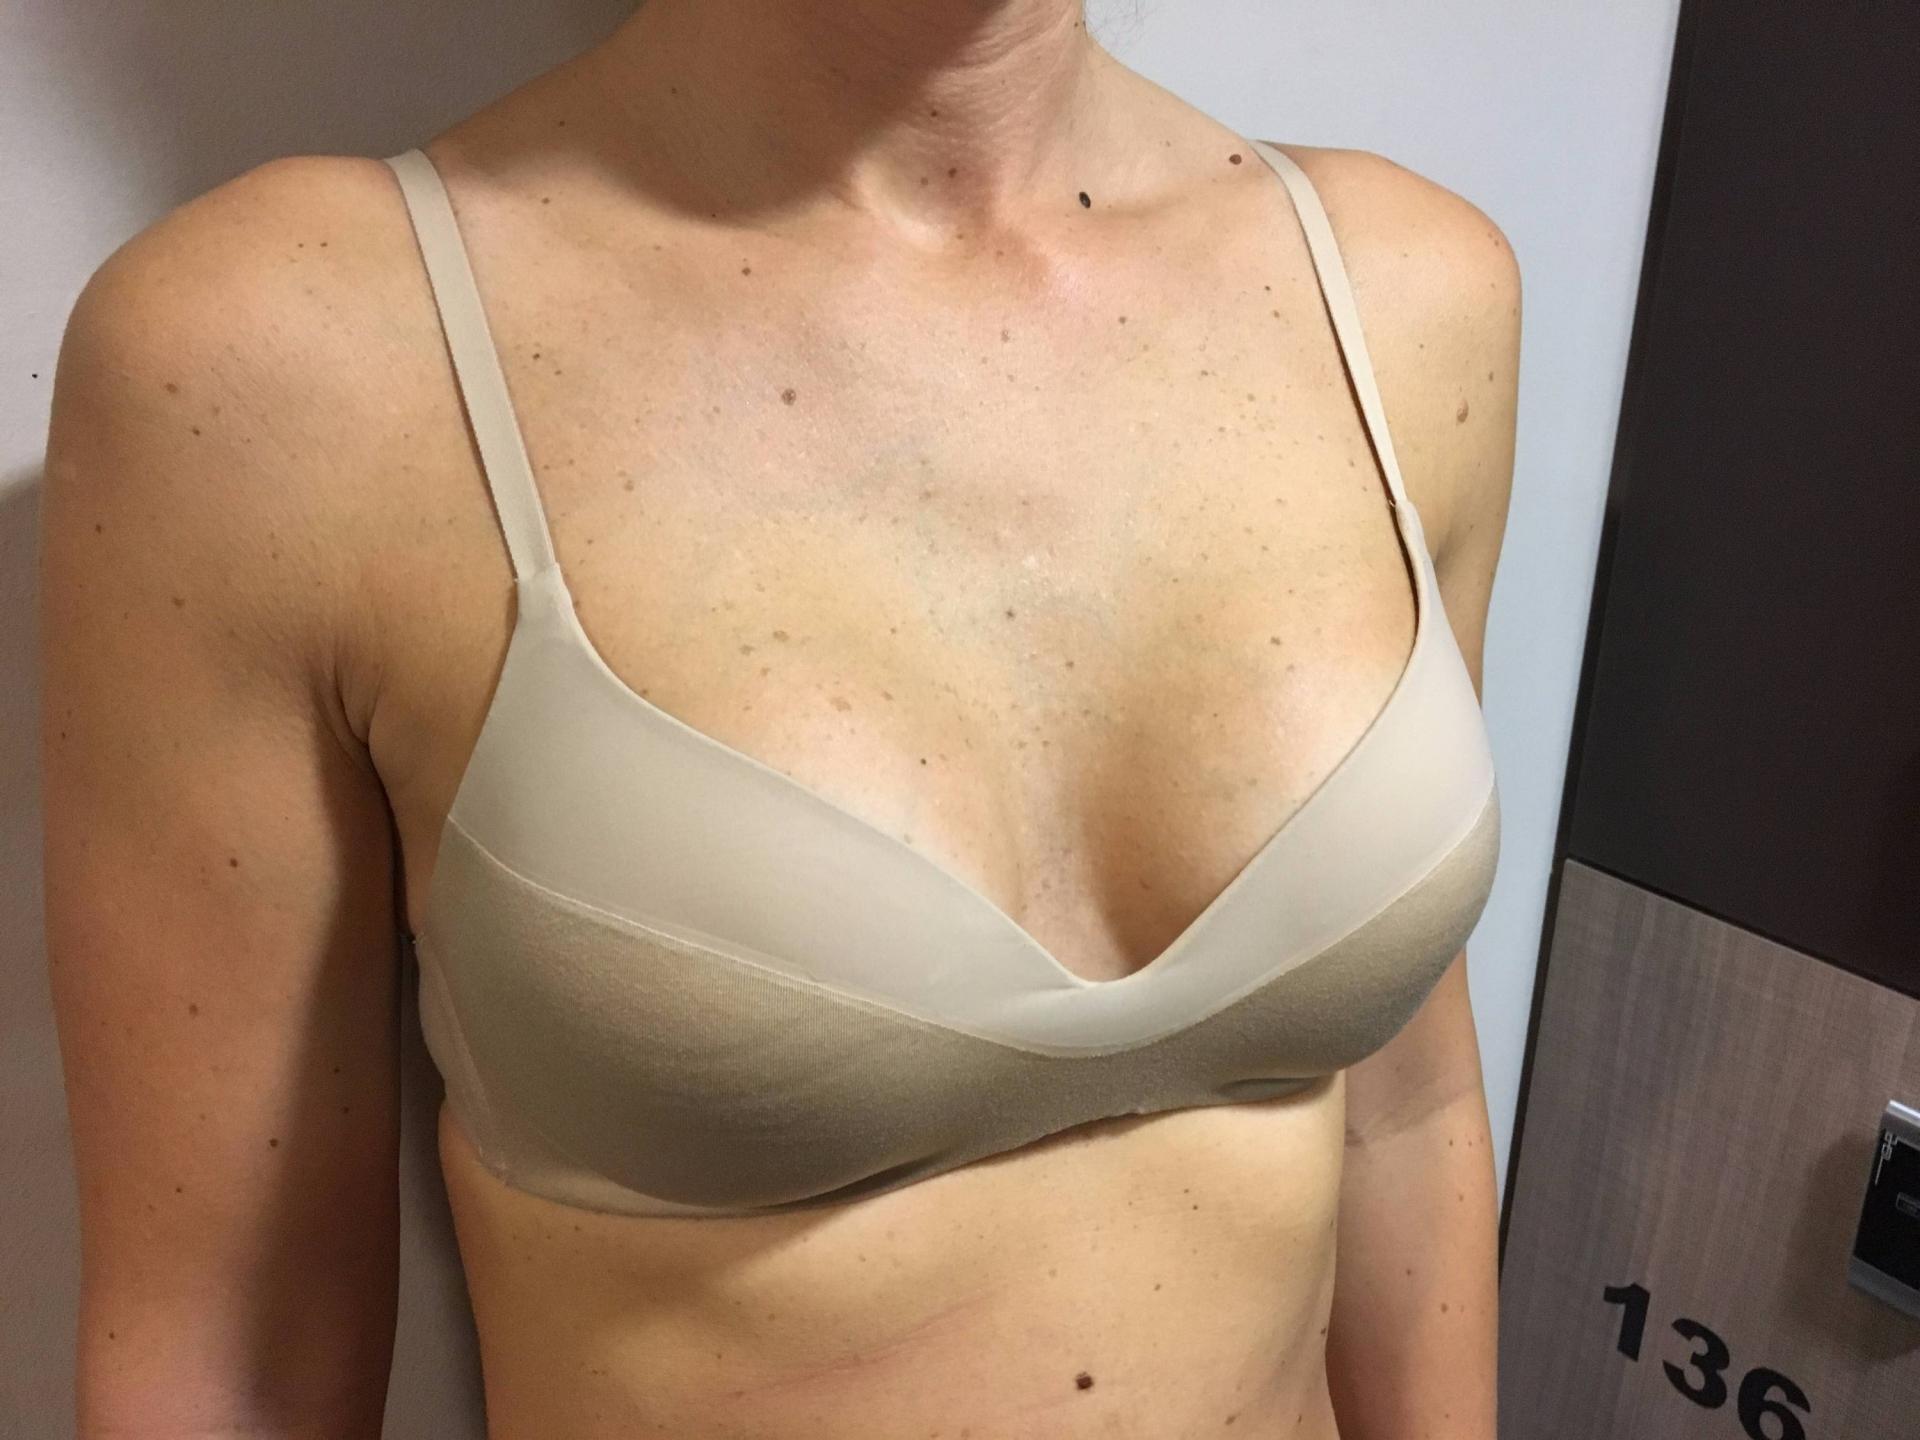 Půl roku po plastice prsou, prsní implantáty Motiva